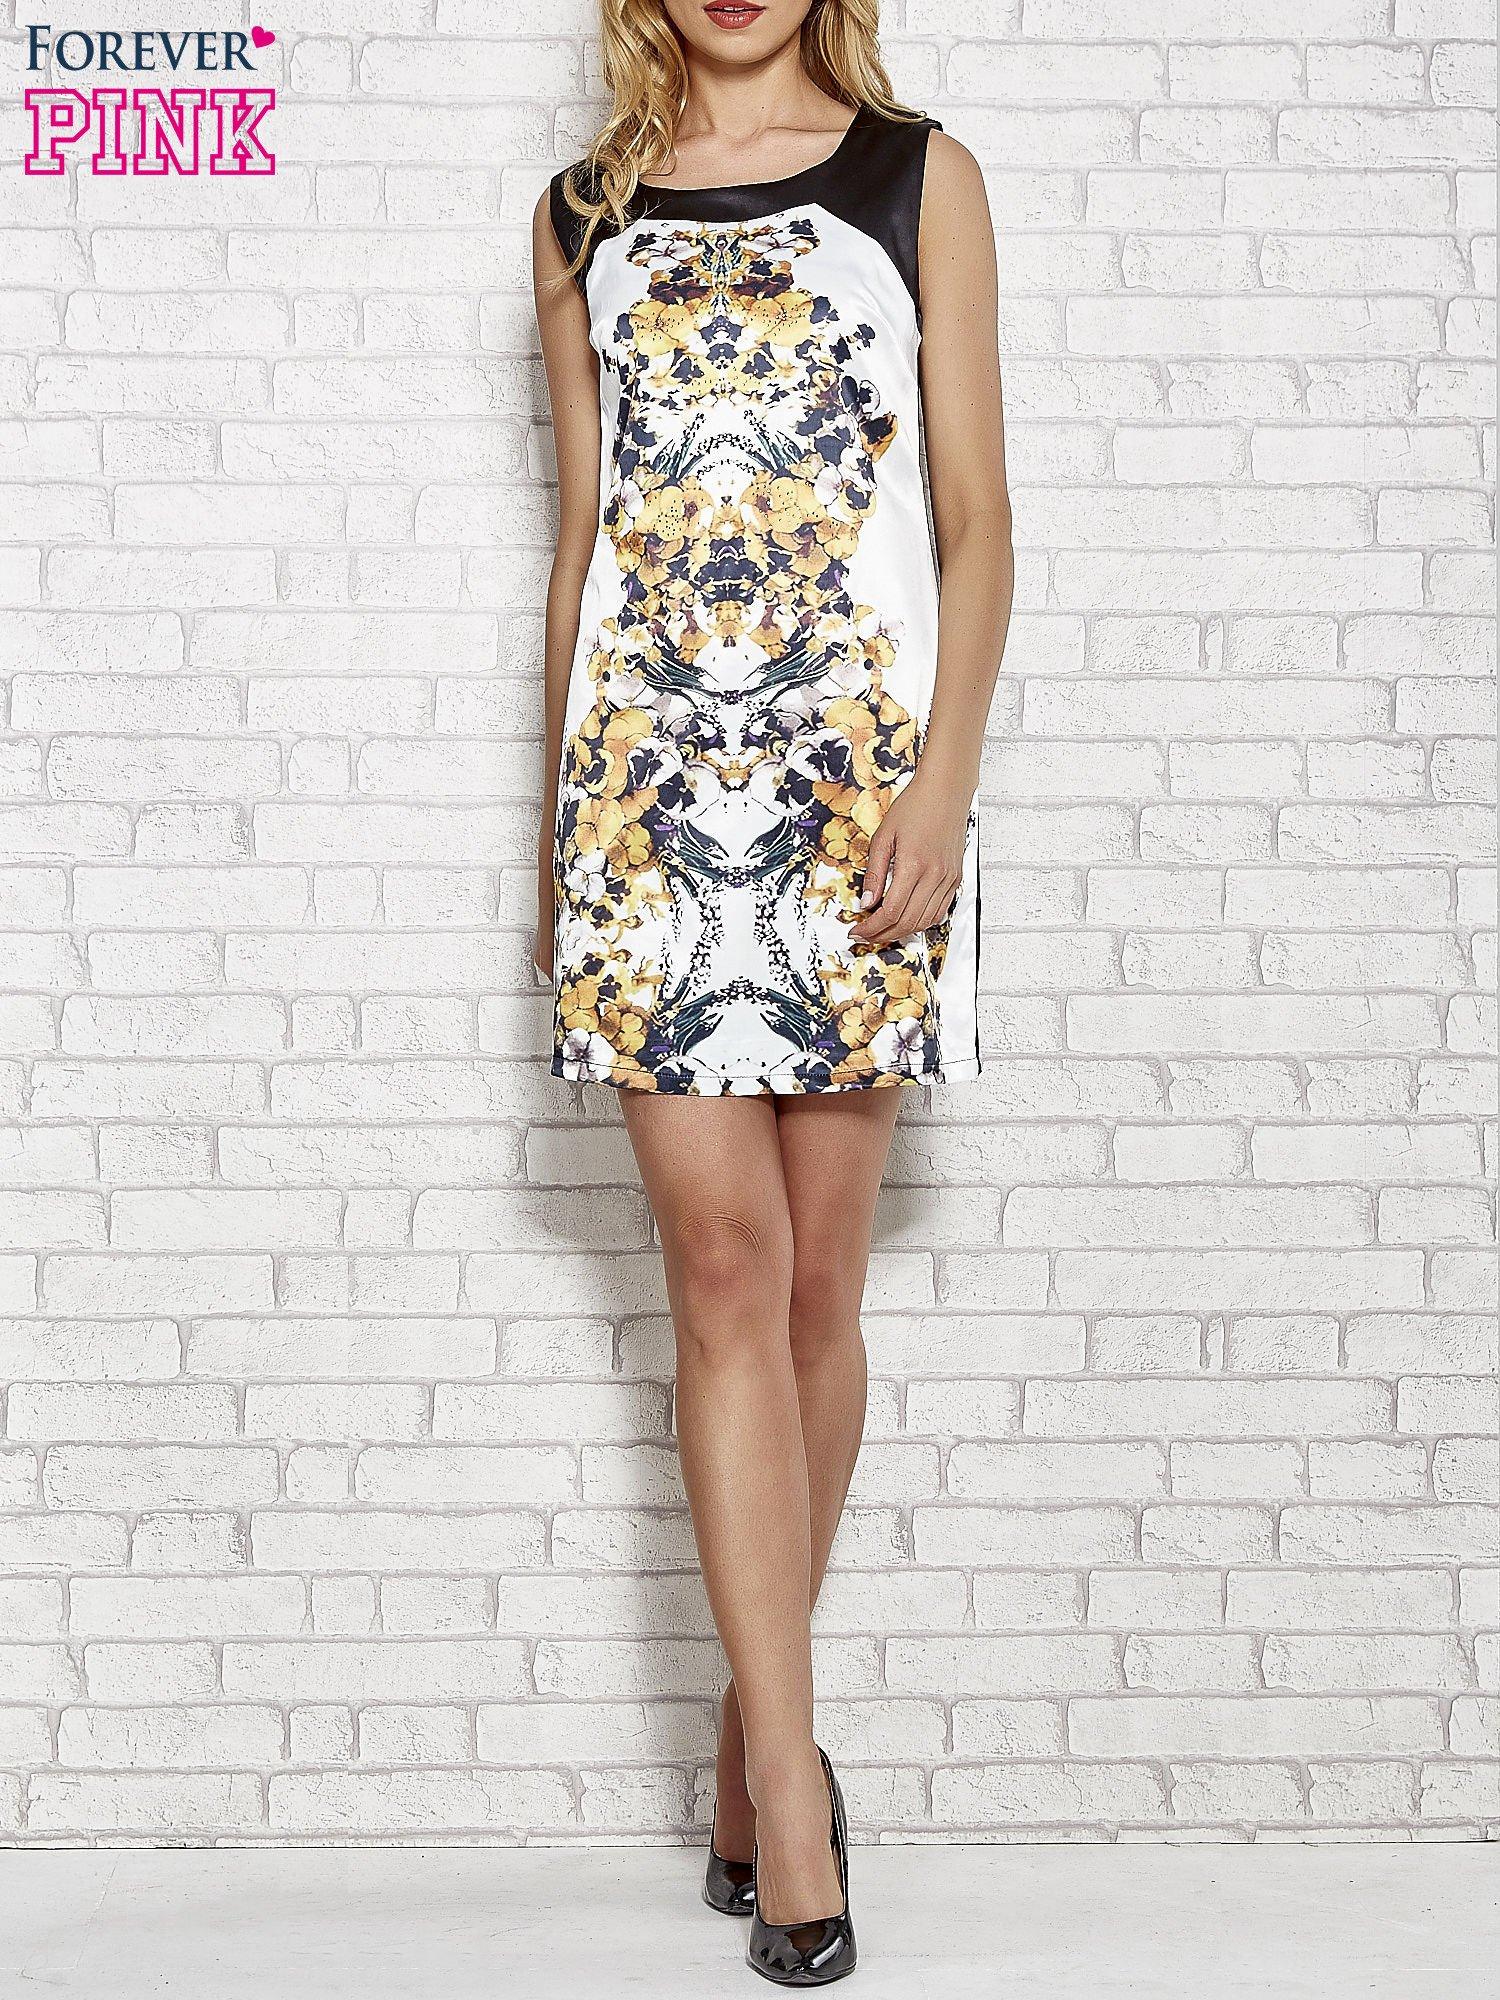 Biała sukienka z żółtym nadrukiem kwiatowym z dżetami                                  zdj.                                  2